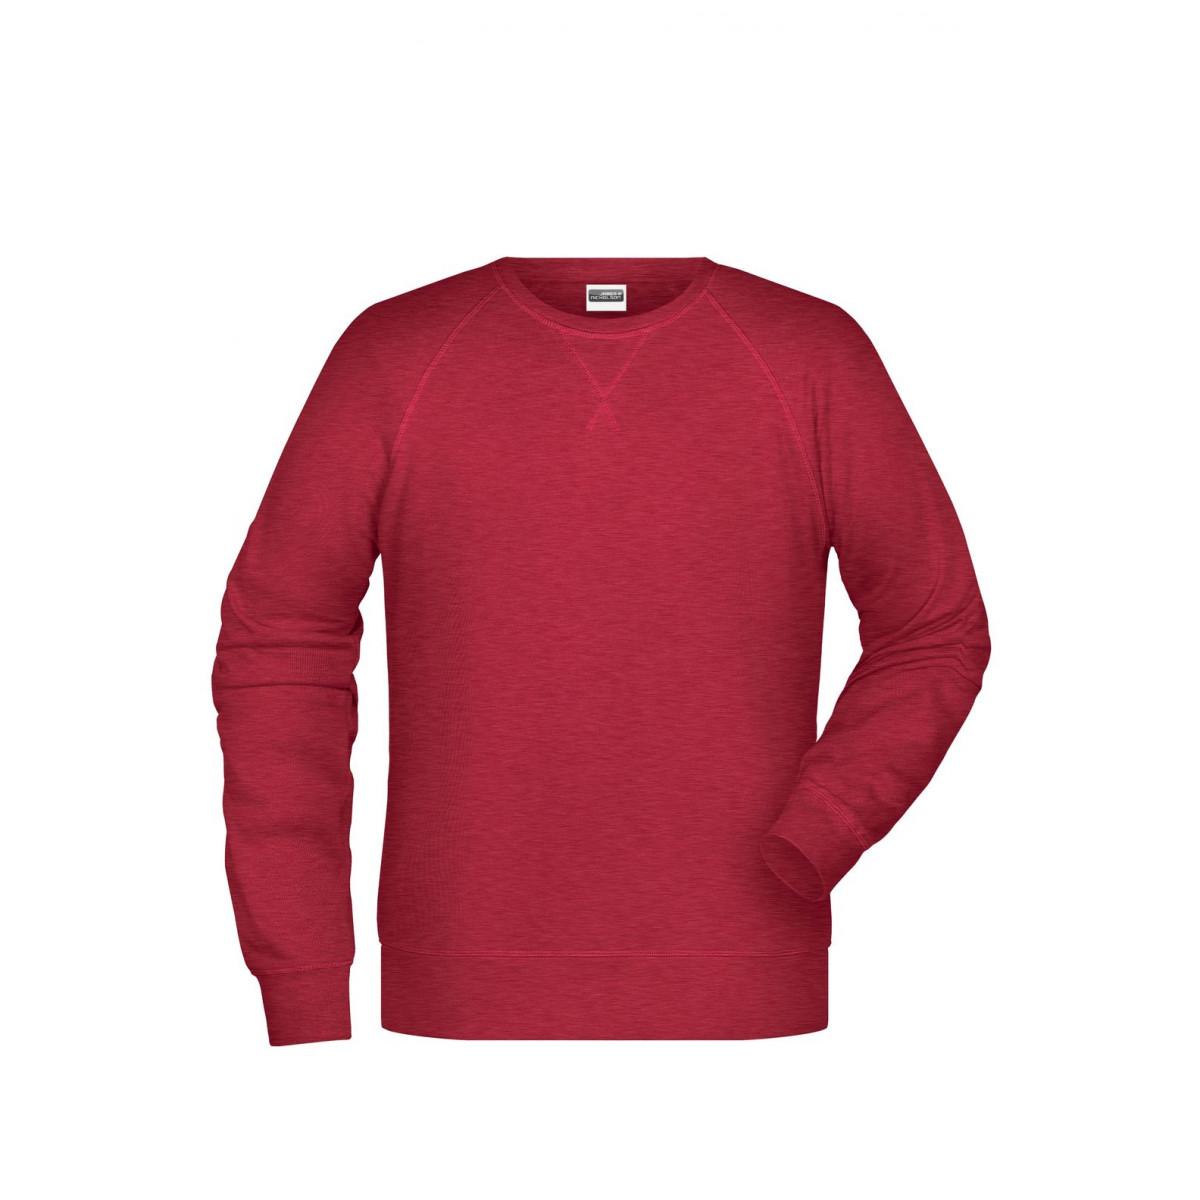 Толстовка мужская 8022 Men´s Sweat - Красный меланж